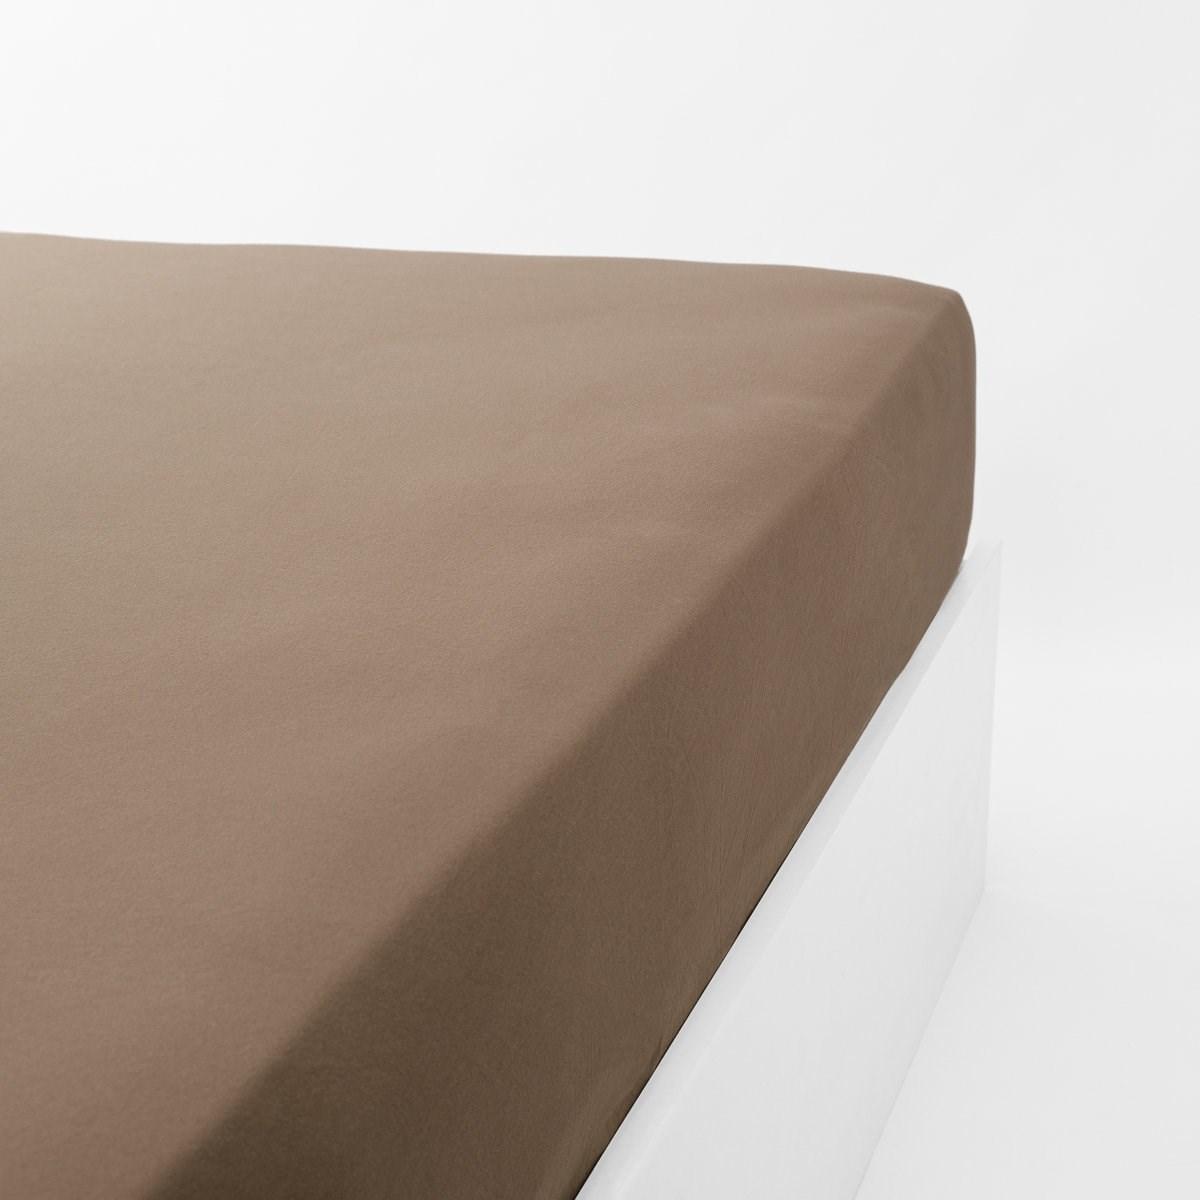 Drap housse jersey extensible en coton marron 80x190 cm